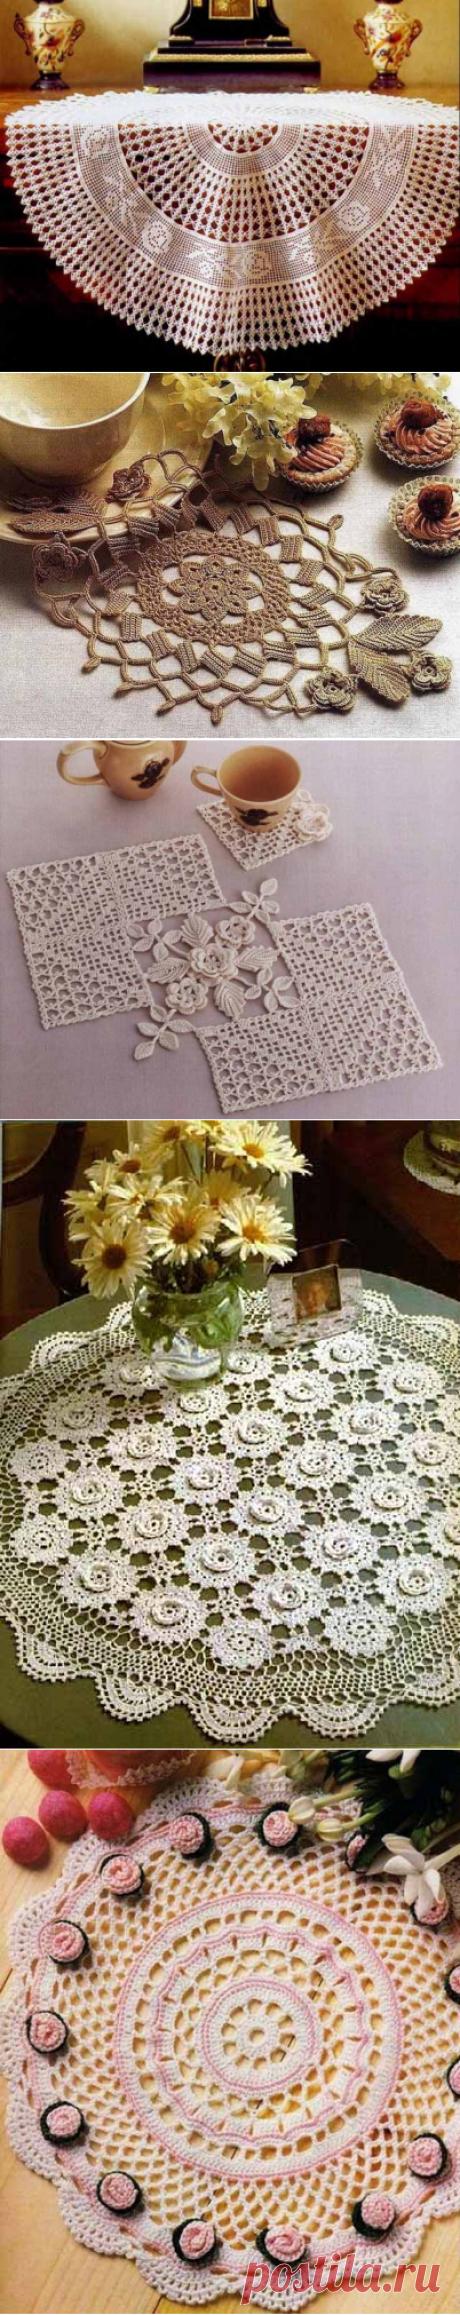 Красивые и необычные салфетки с цветами крючком со схемами | Уют и тепло моего дома